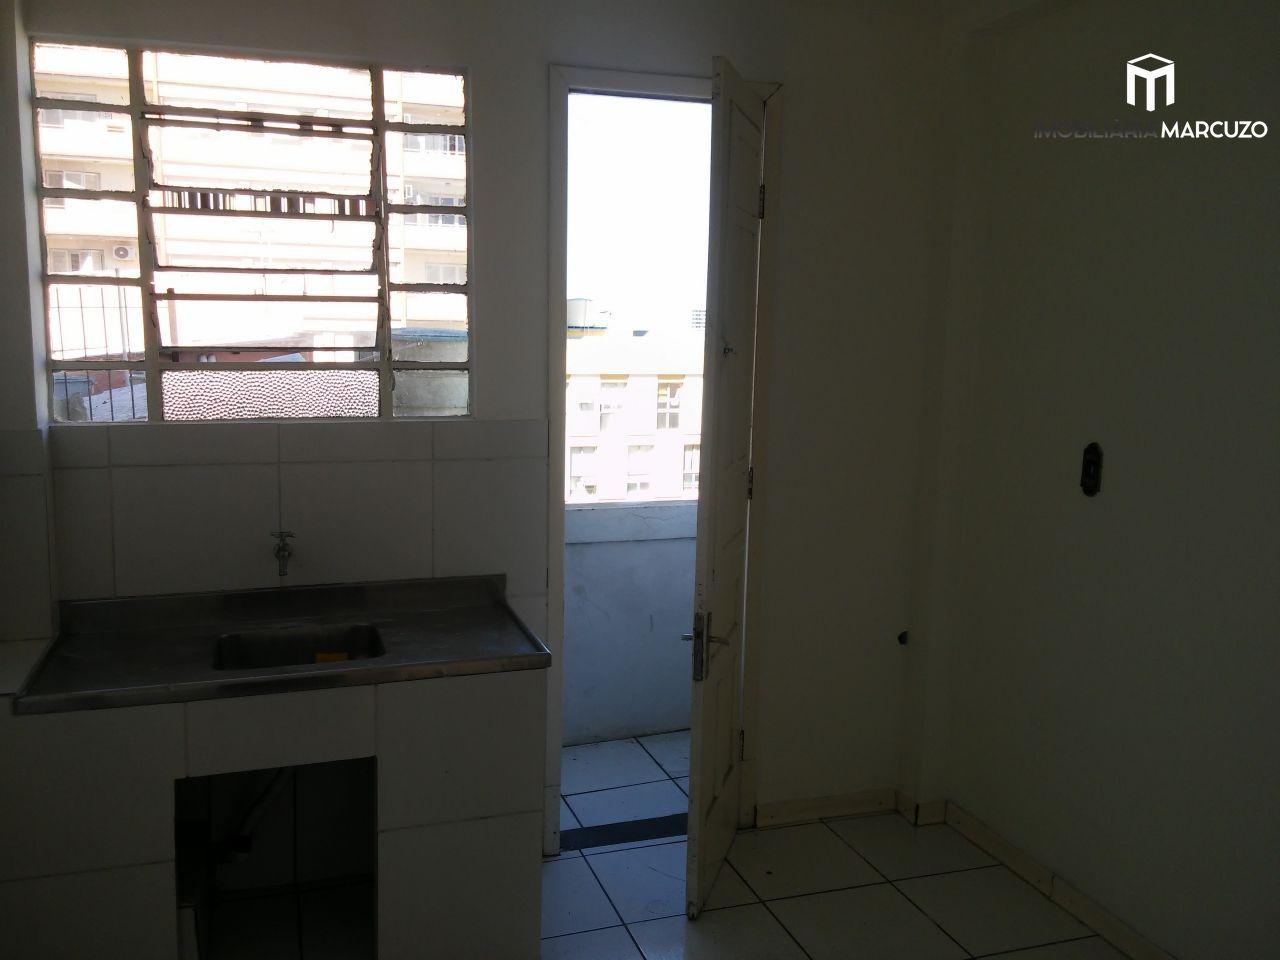 Apartamento com 2 Dormitórios à venda, 75 m² por R$ 190.800,00